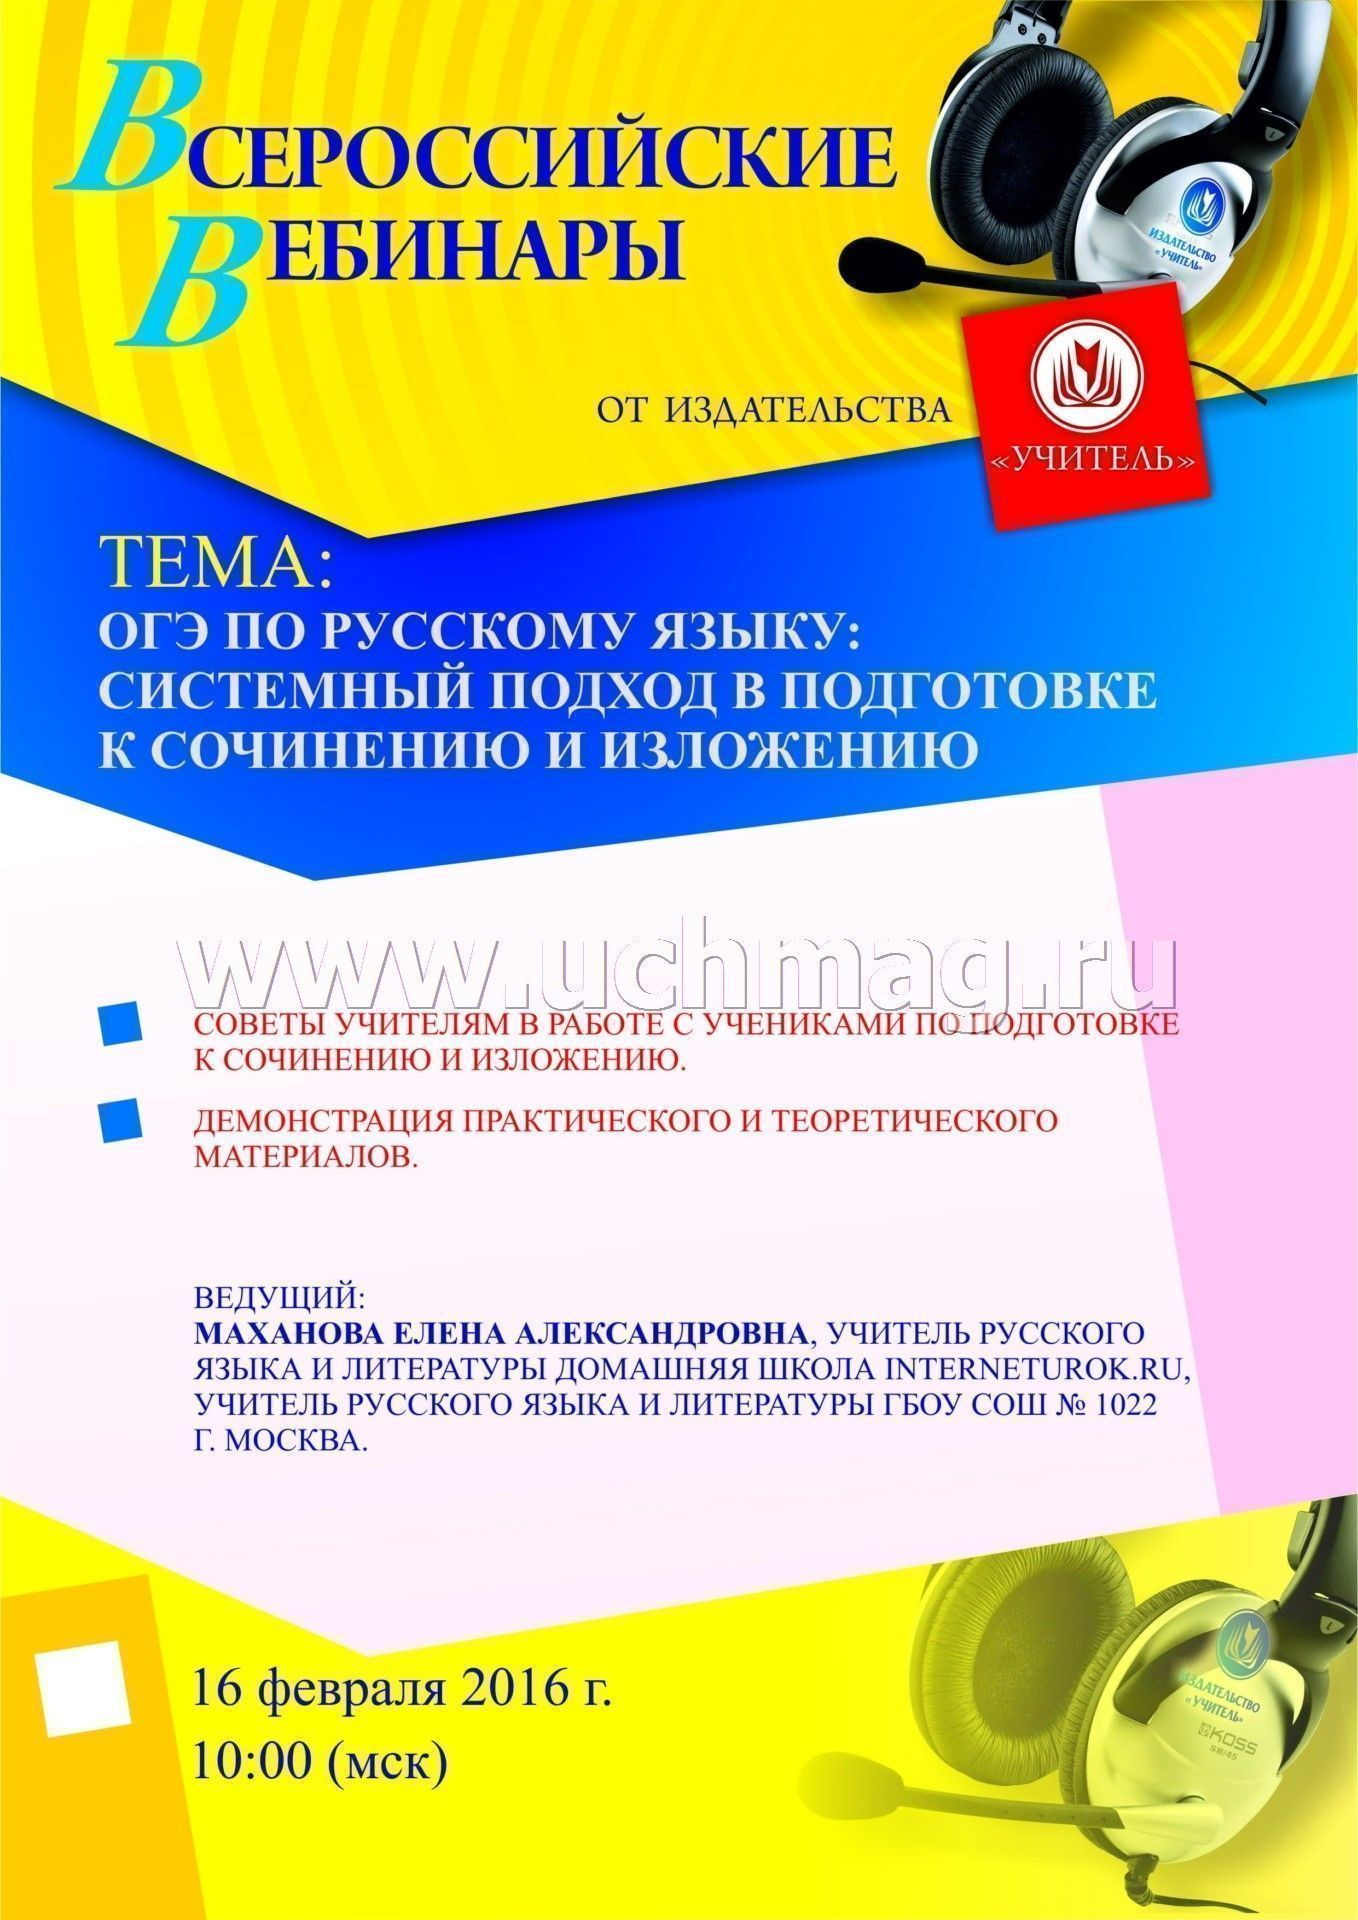 Уроки конкурсы по русскому языку и литературе